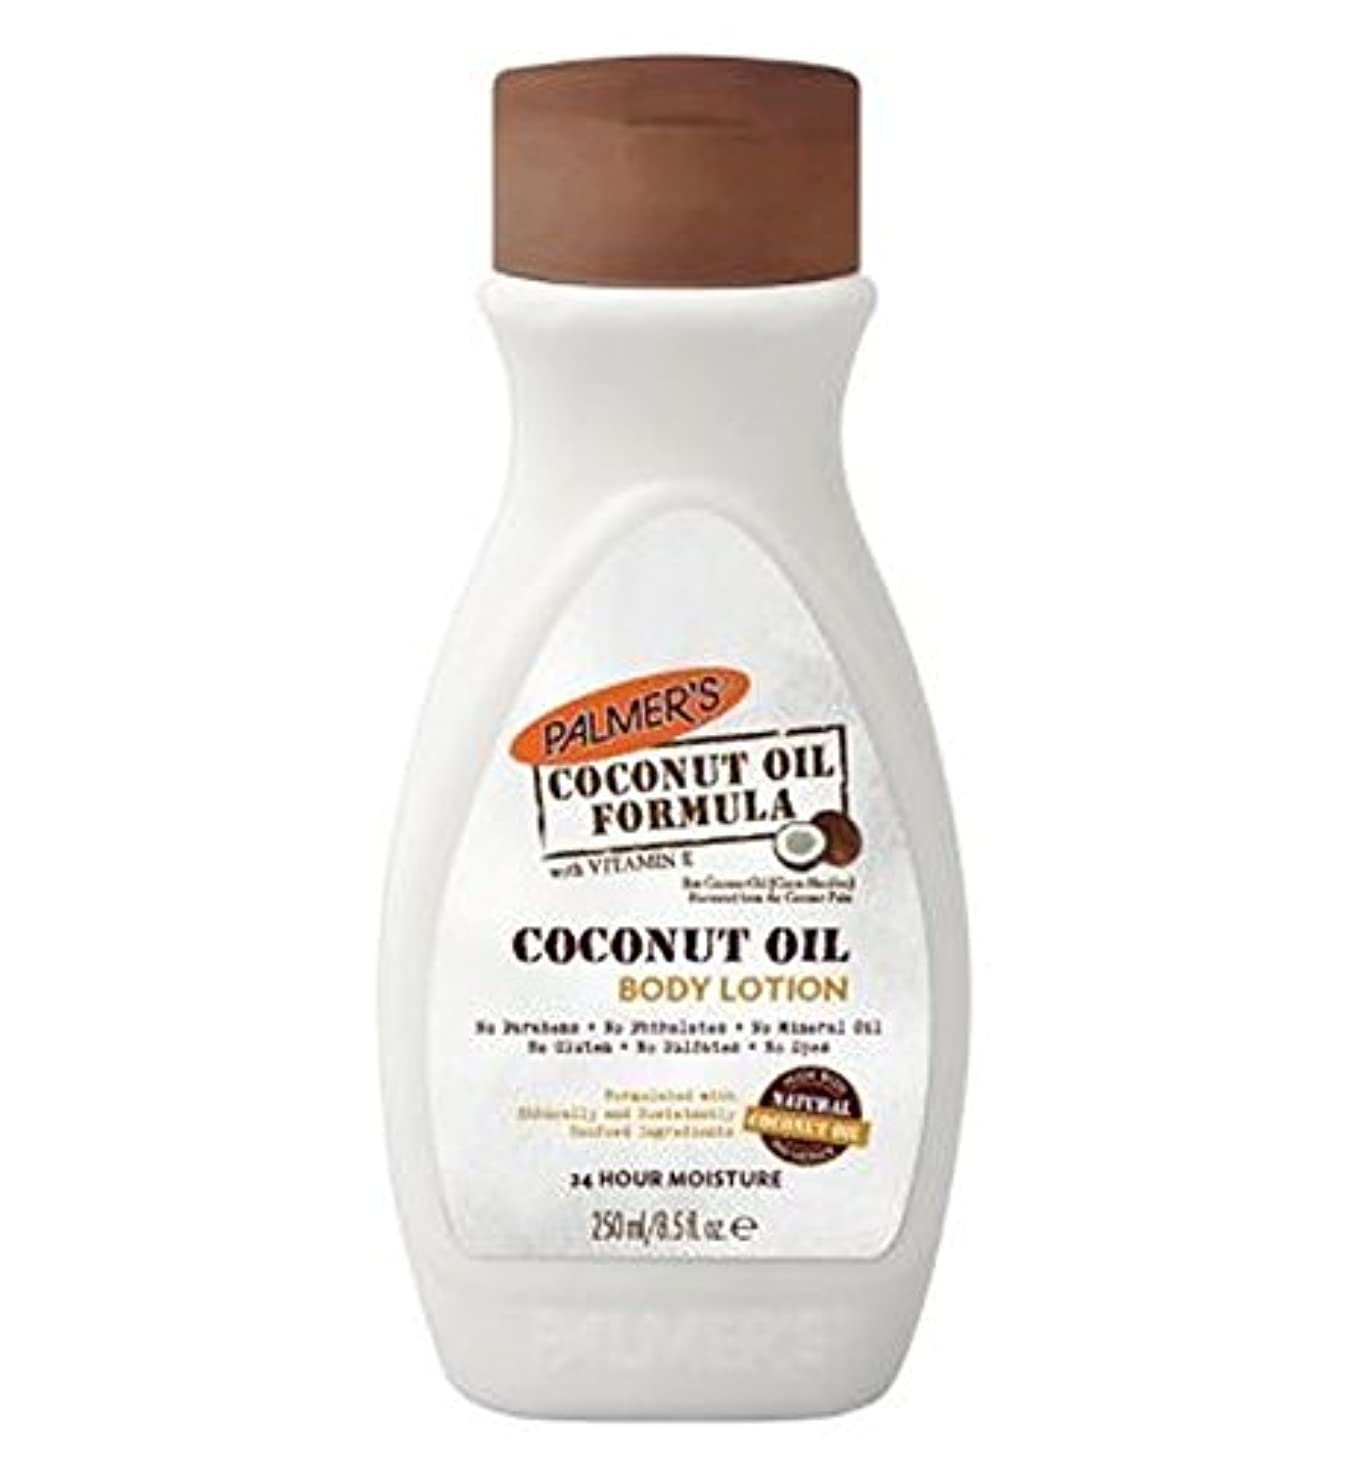 ブレース乳剤山岳パーマーのココナッツオイル式ボディローション250ミリリットル (Palmer's) (x2) - Palmer's Coconut Oil Formula Body Lotion 250ml (Pack of 2) [並行輸入品]